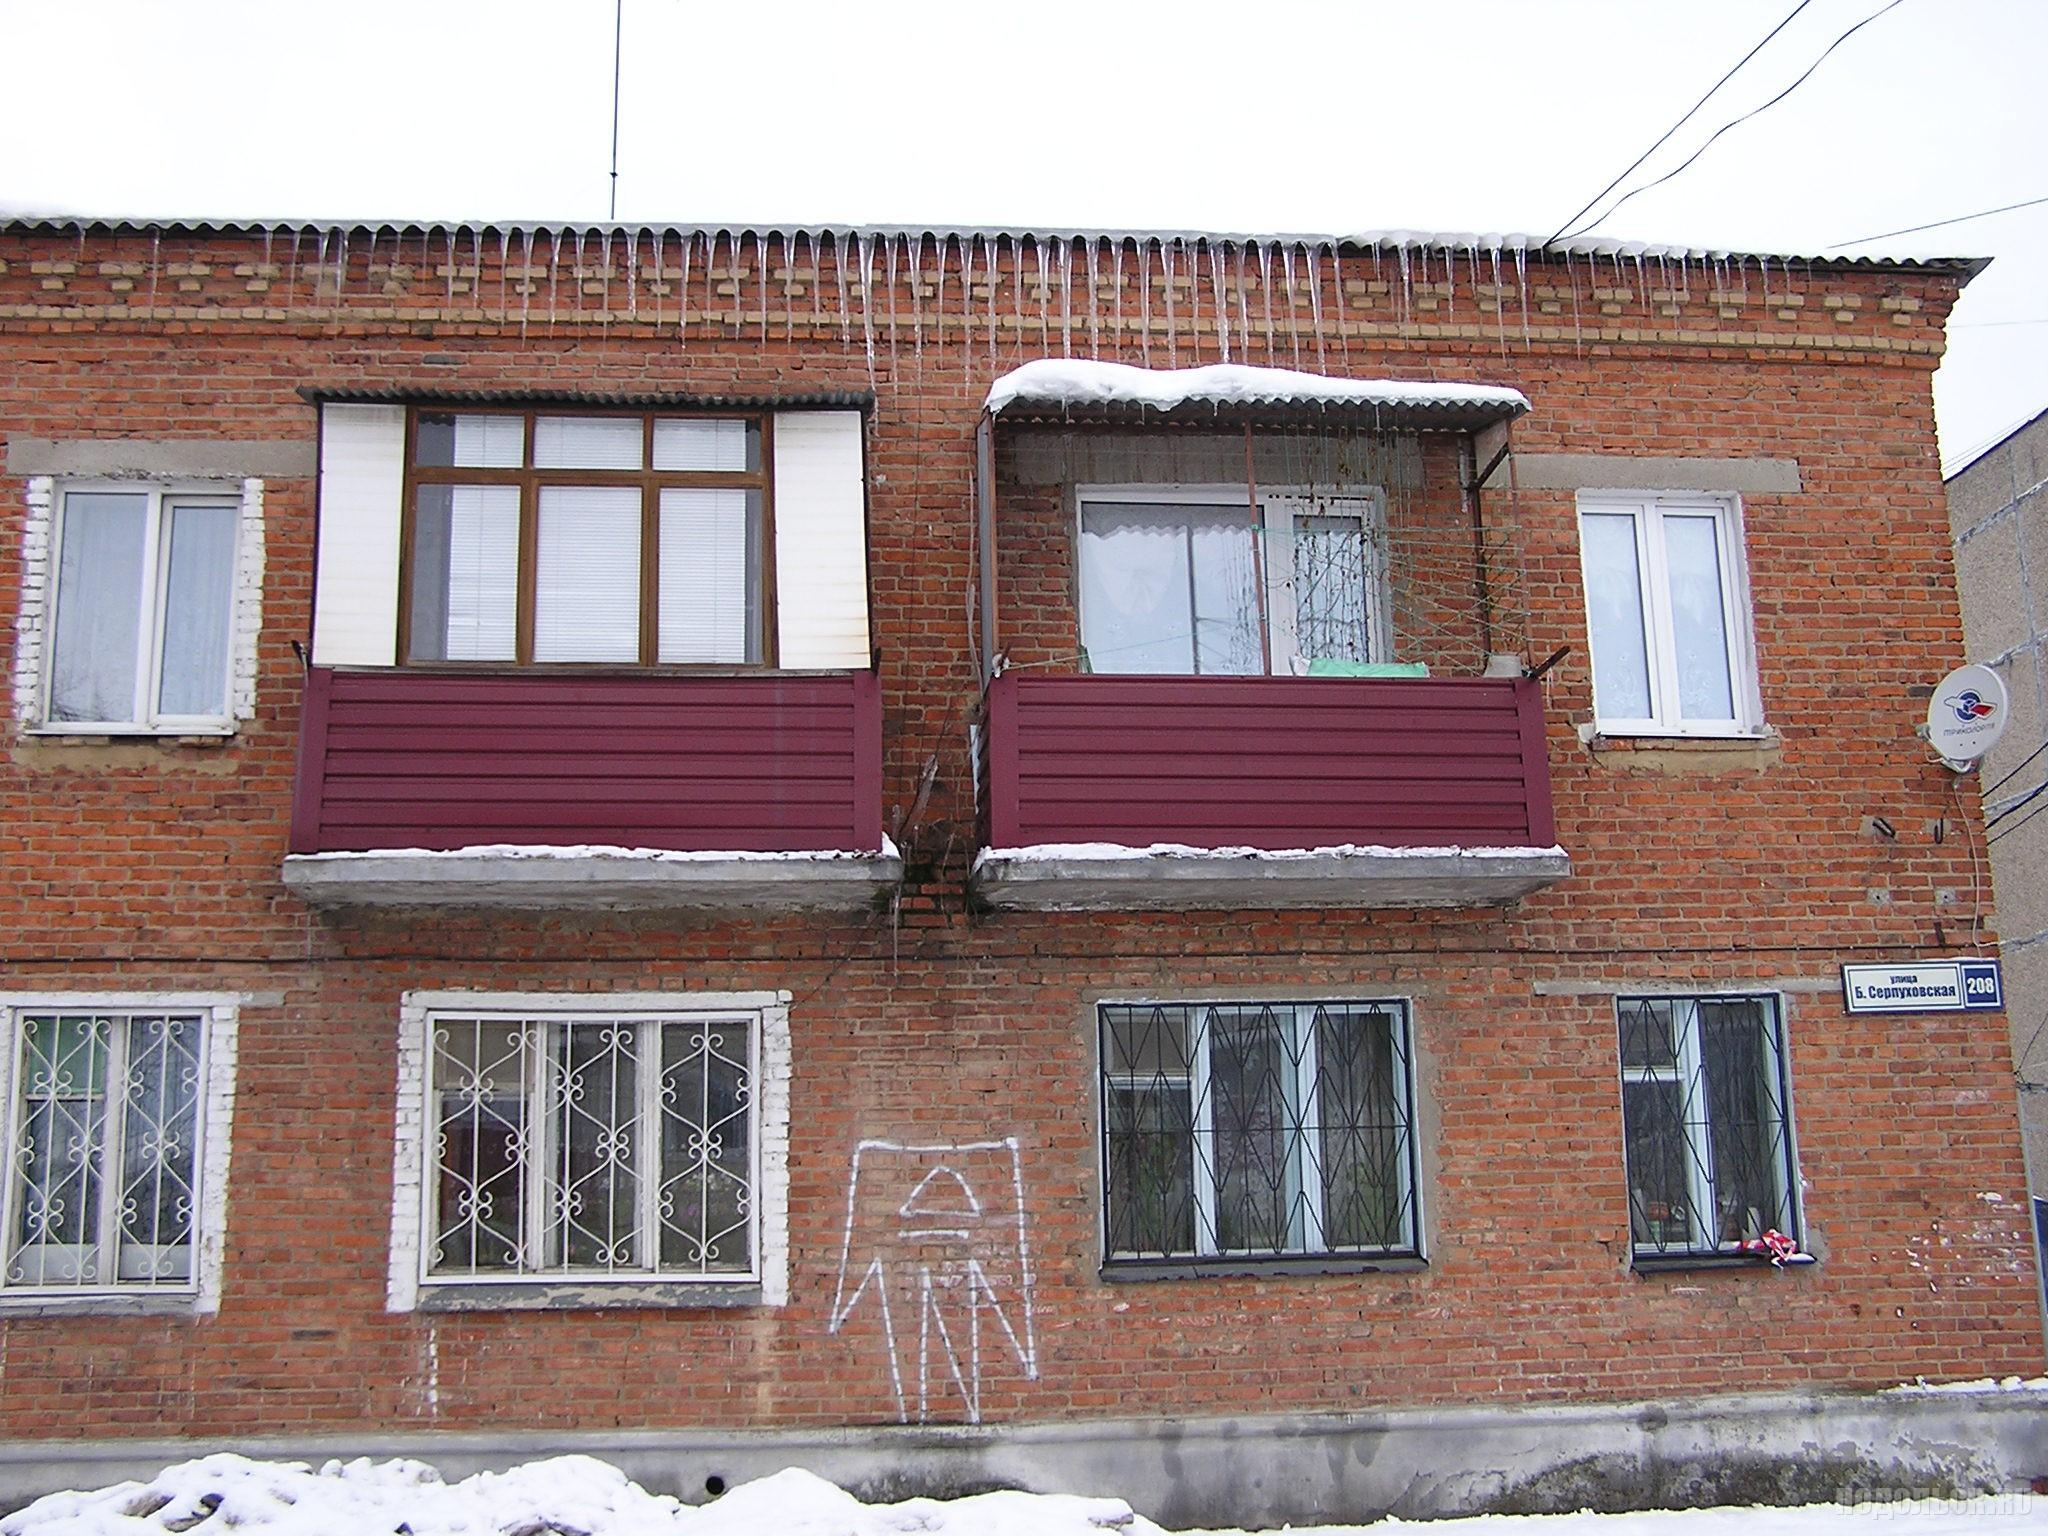 Сосульки на доме. Пос. Железнодорожный, 12.2016.